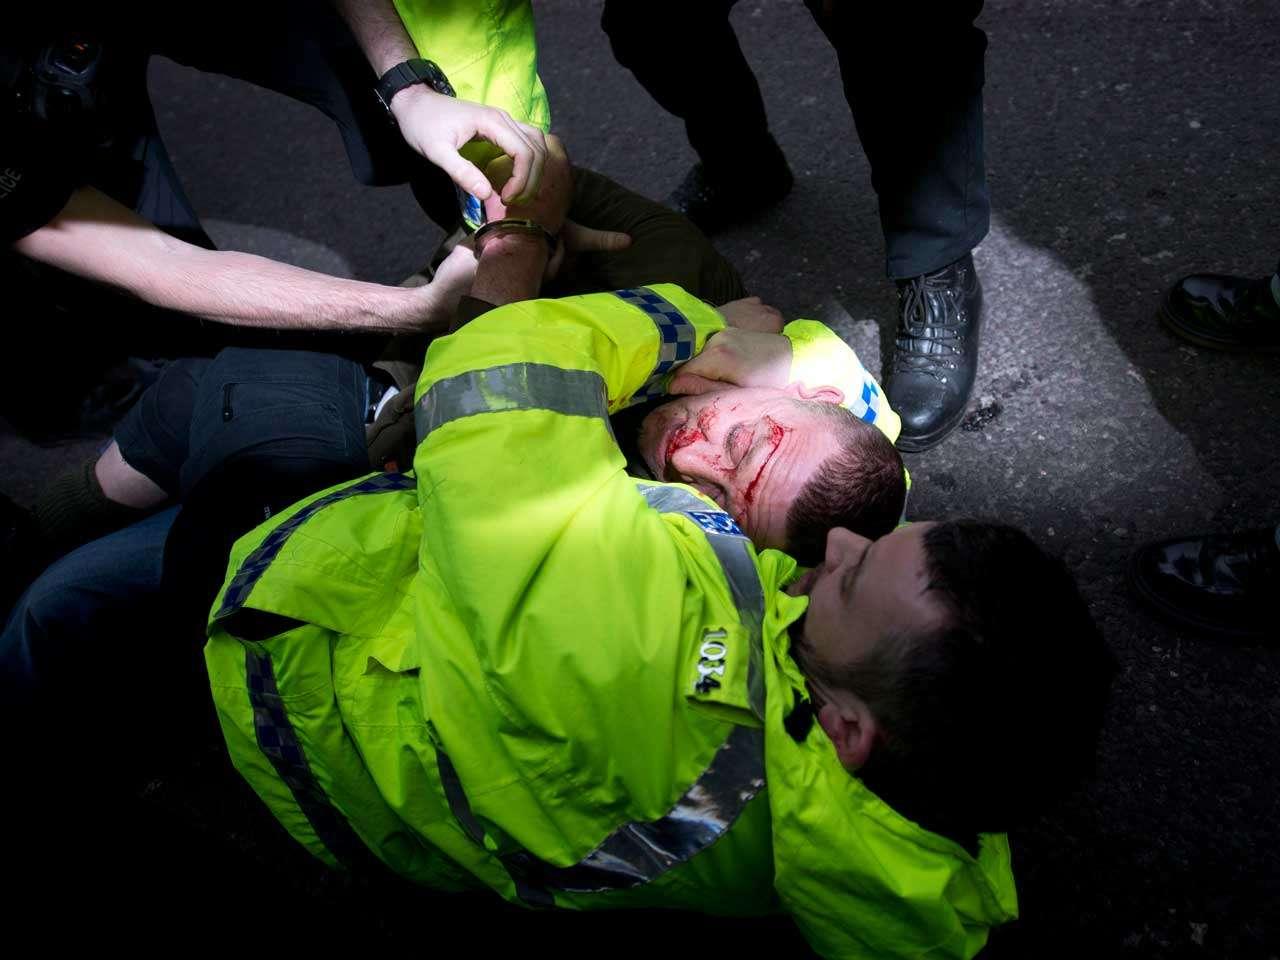 """Oficiales de policía detienen a un hombre que protestaba como parte de la rama británica de Pegida, movimiento alemán que se opone a lo que le llaman """"Islamización"""" de Europa, el 28 de febrero de 2015. Foto: AFP en español"""